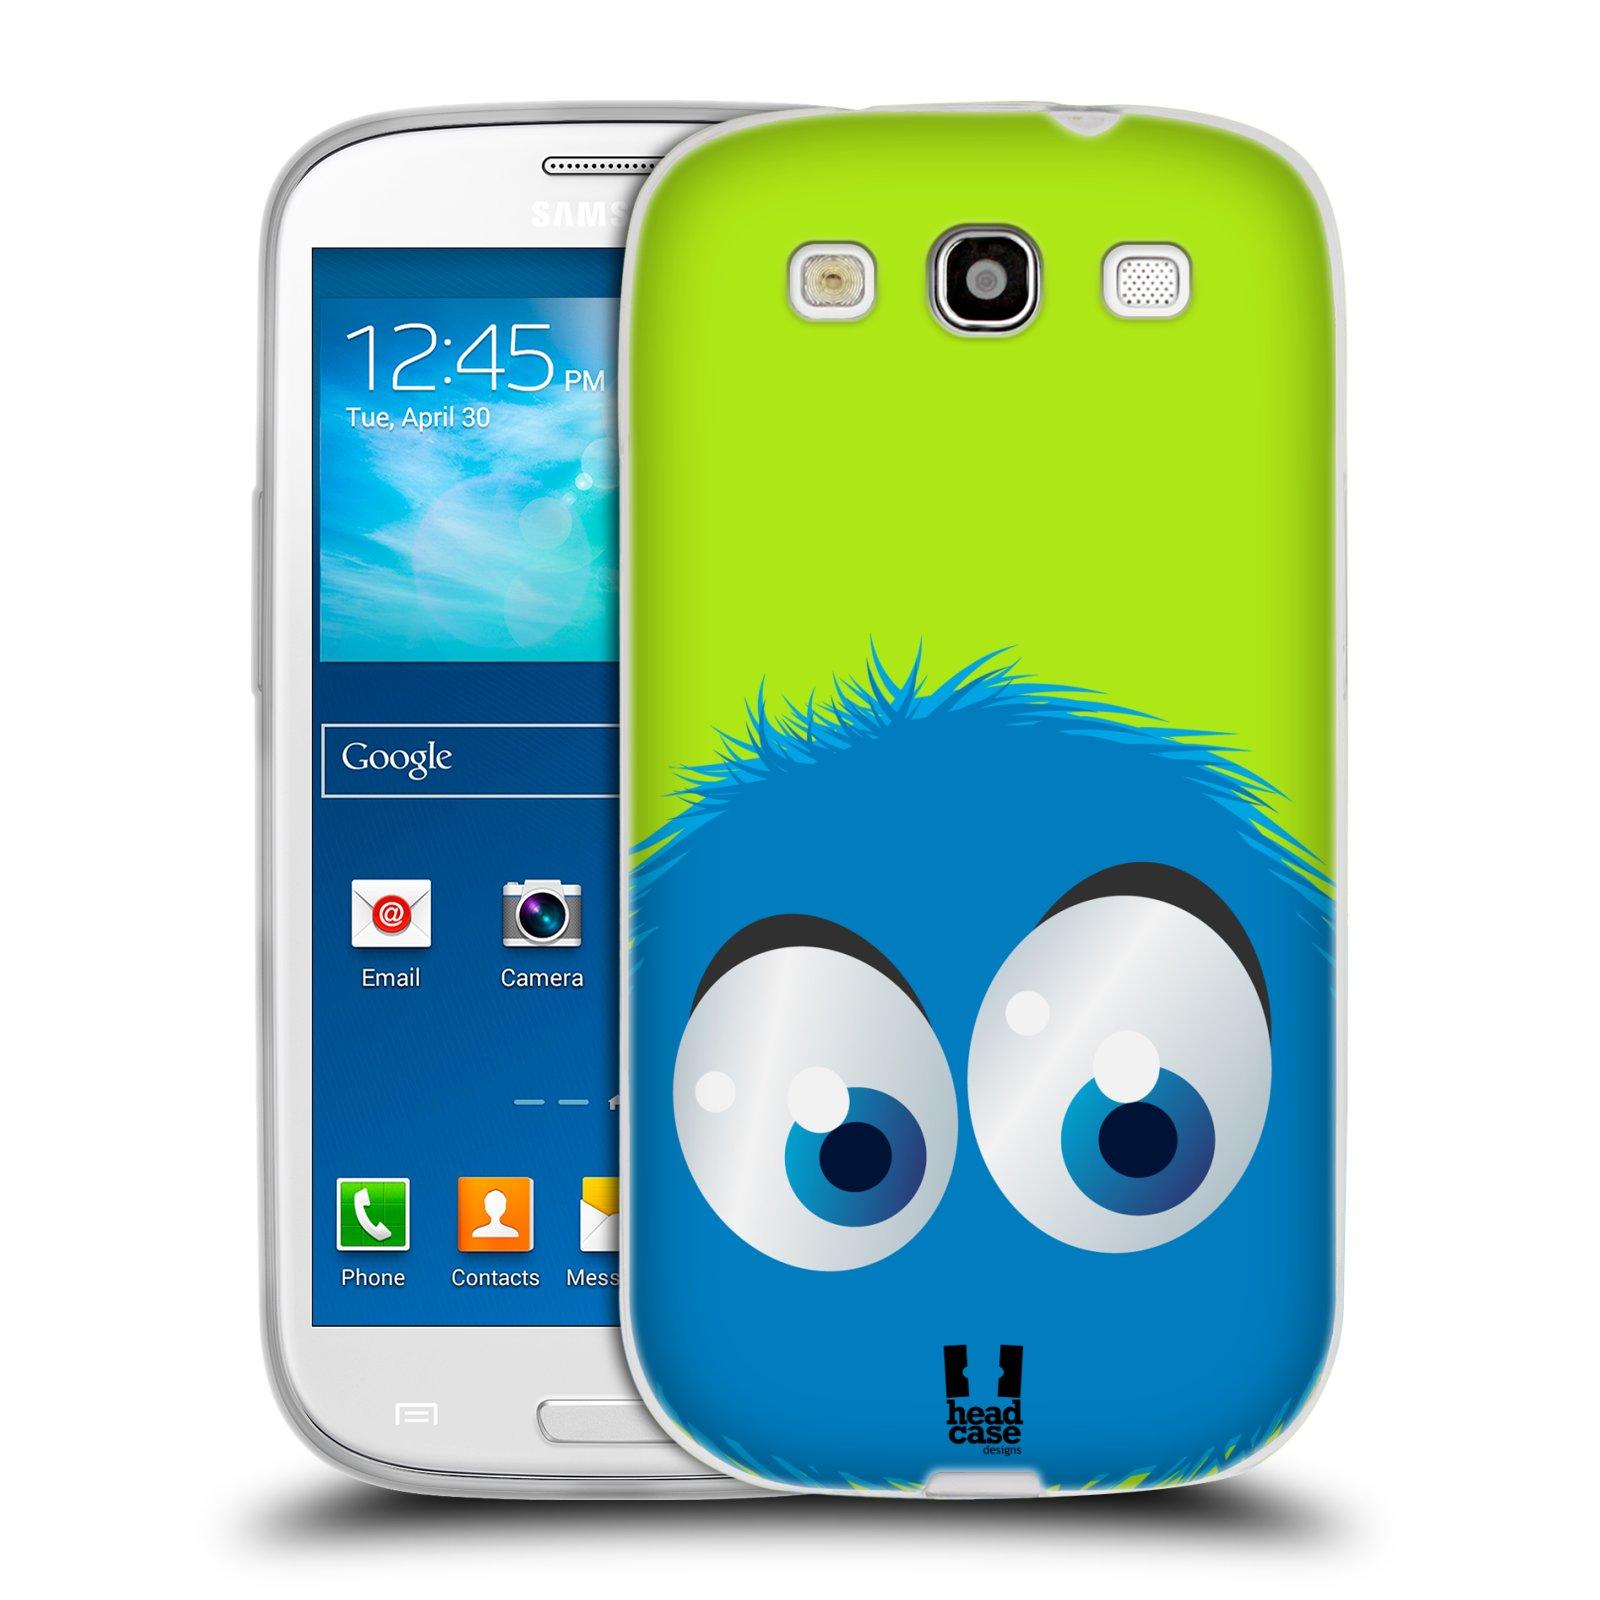 HEAD CASE silikonový obal na mobil Samsung Galaxy S3 i9300 vzor Barevný chlupatý smajlík MODRÁ zelené pozadí